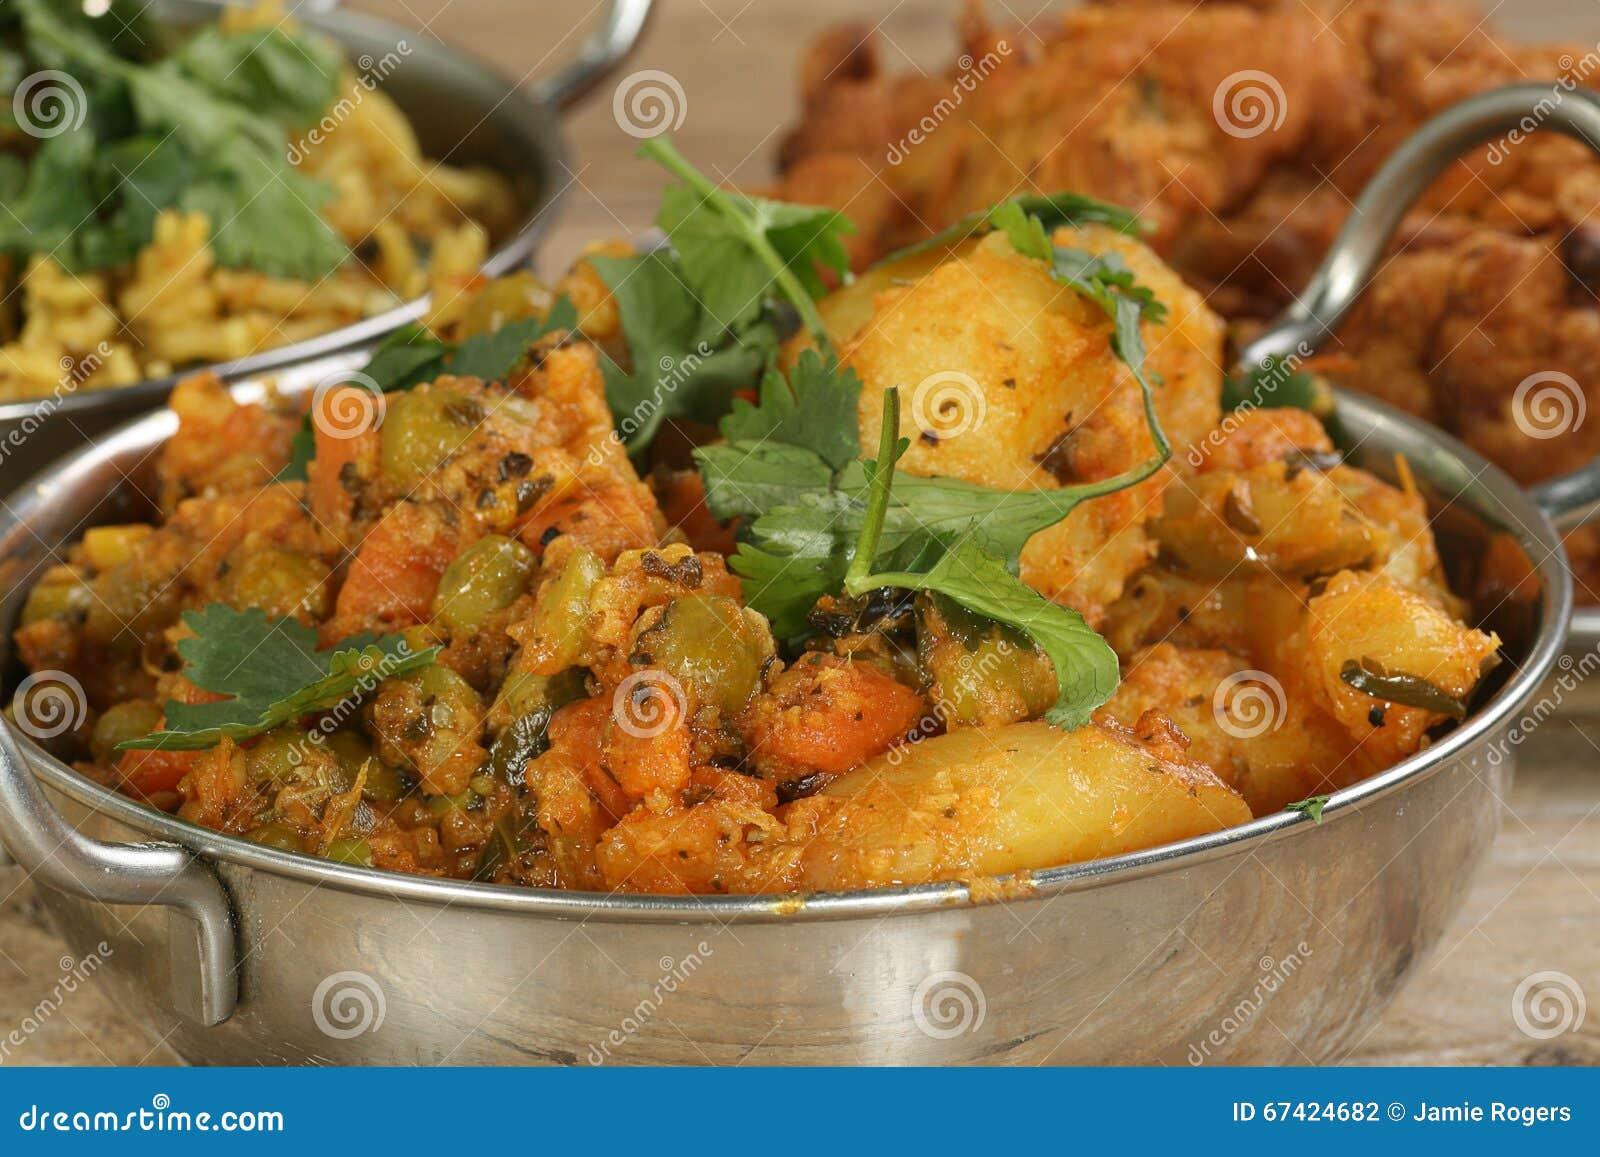 Curry vegetal mezclado